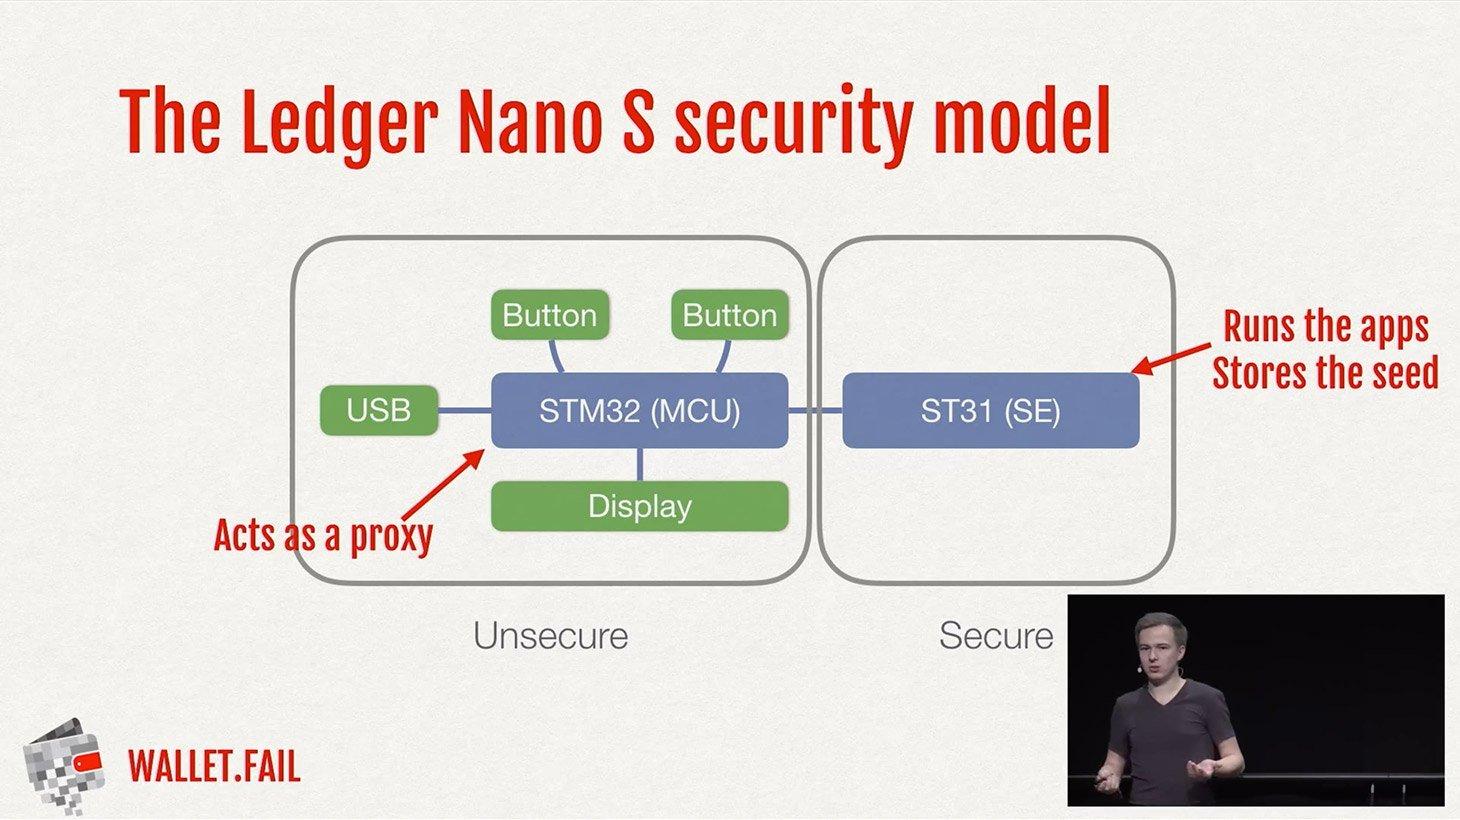 El modelo Ledger Nano S